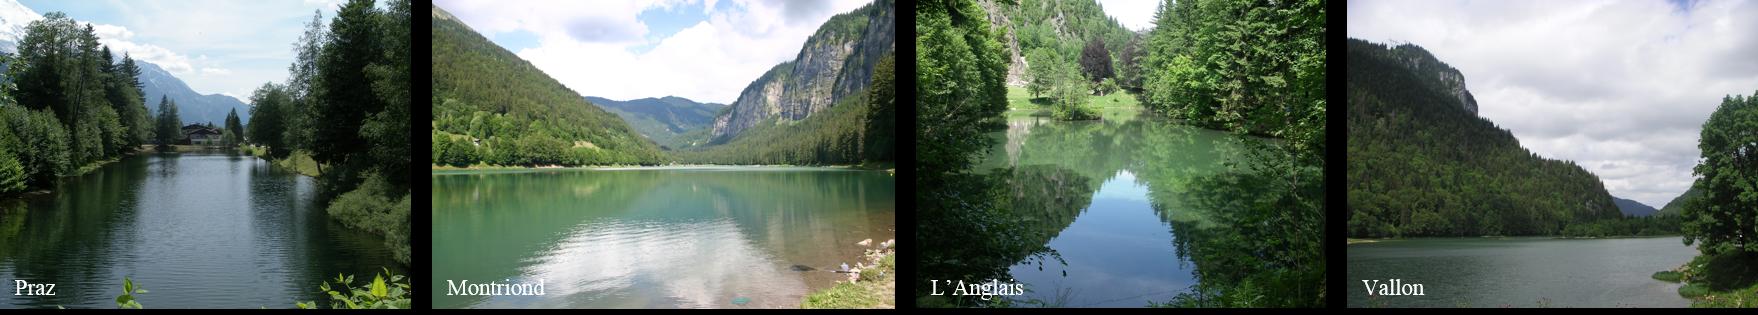 Ouv lacs montagne_5 avr